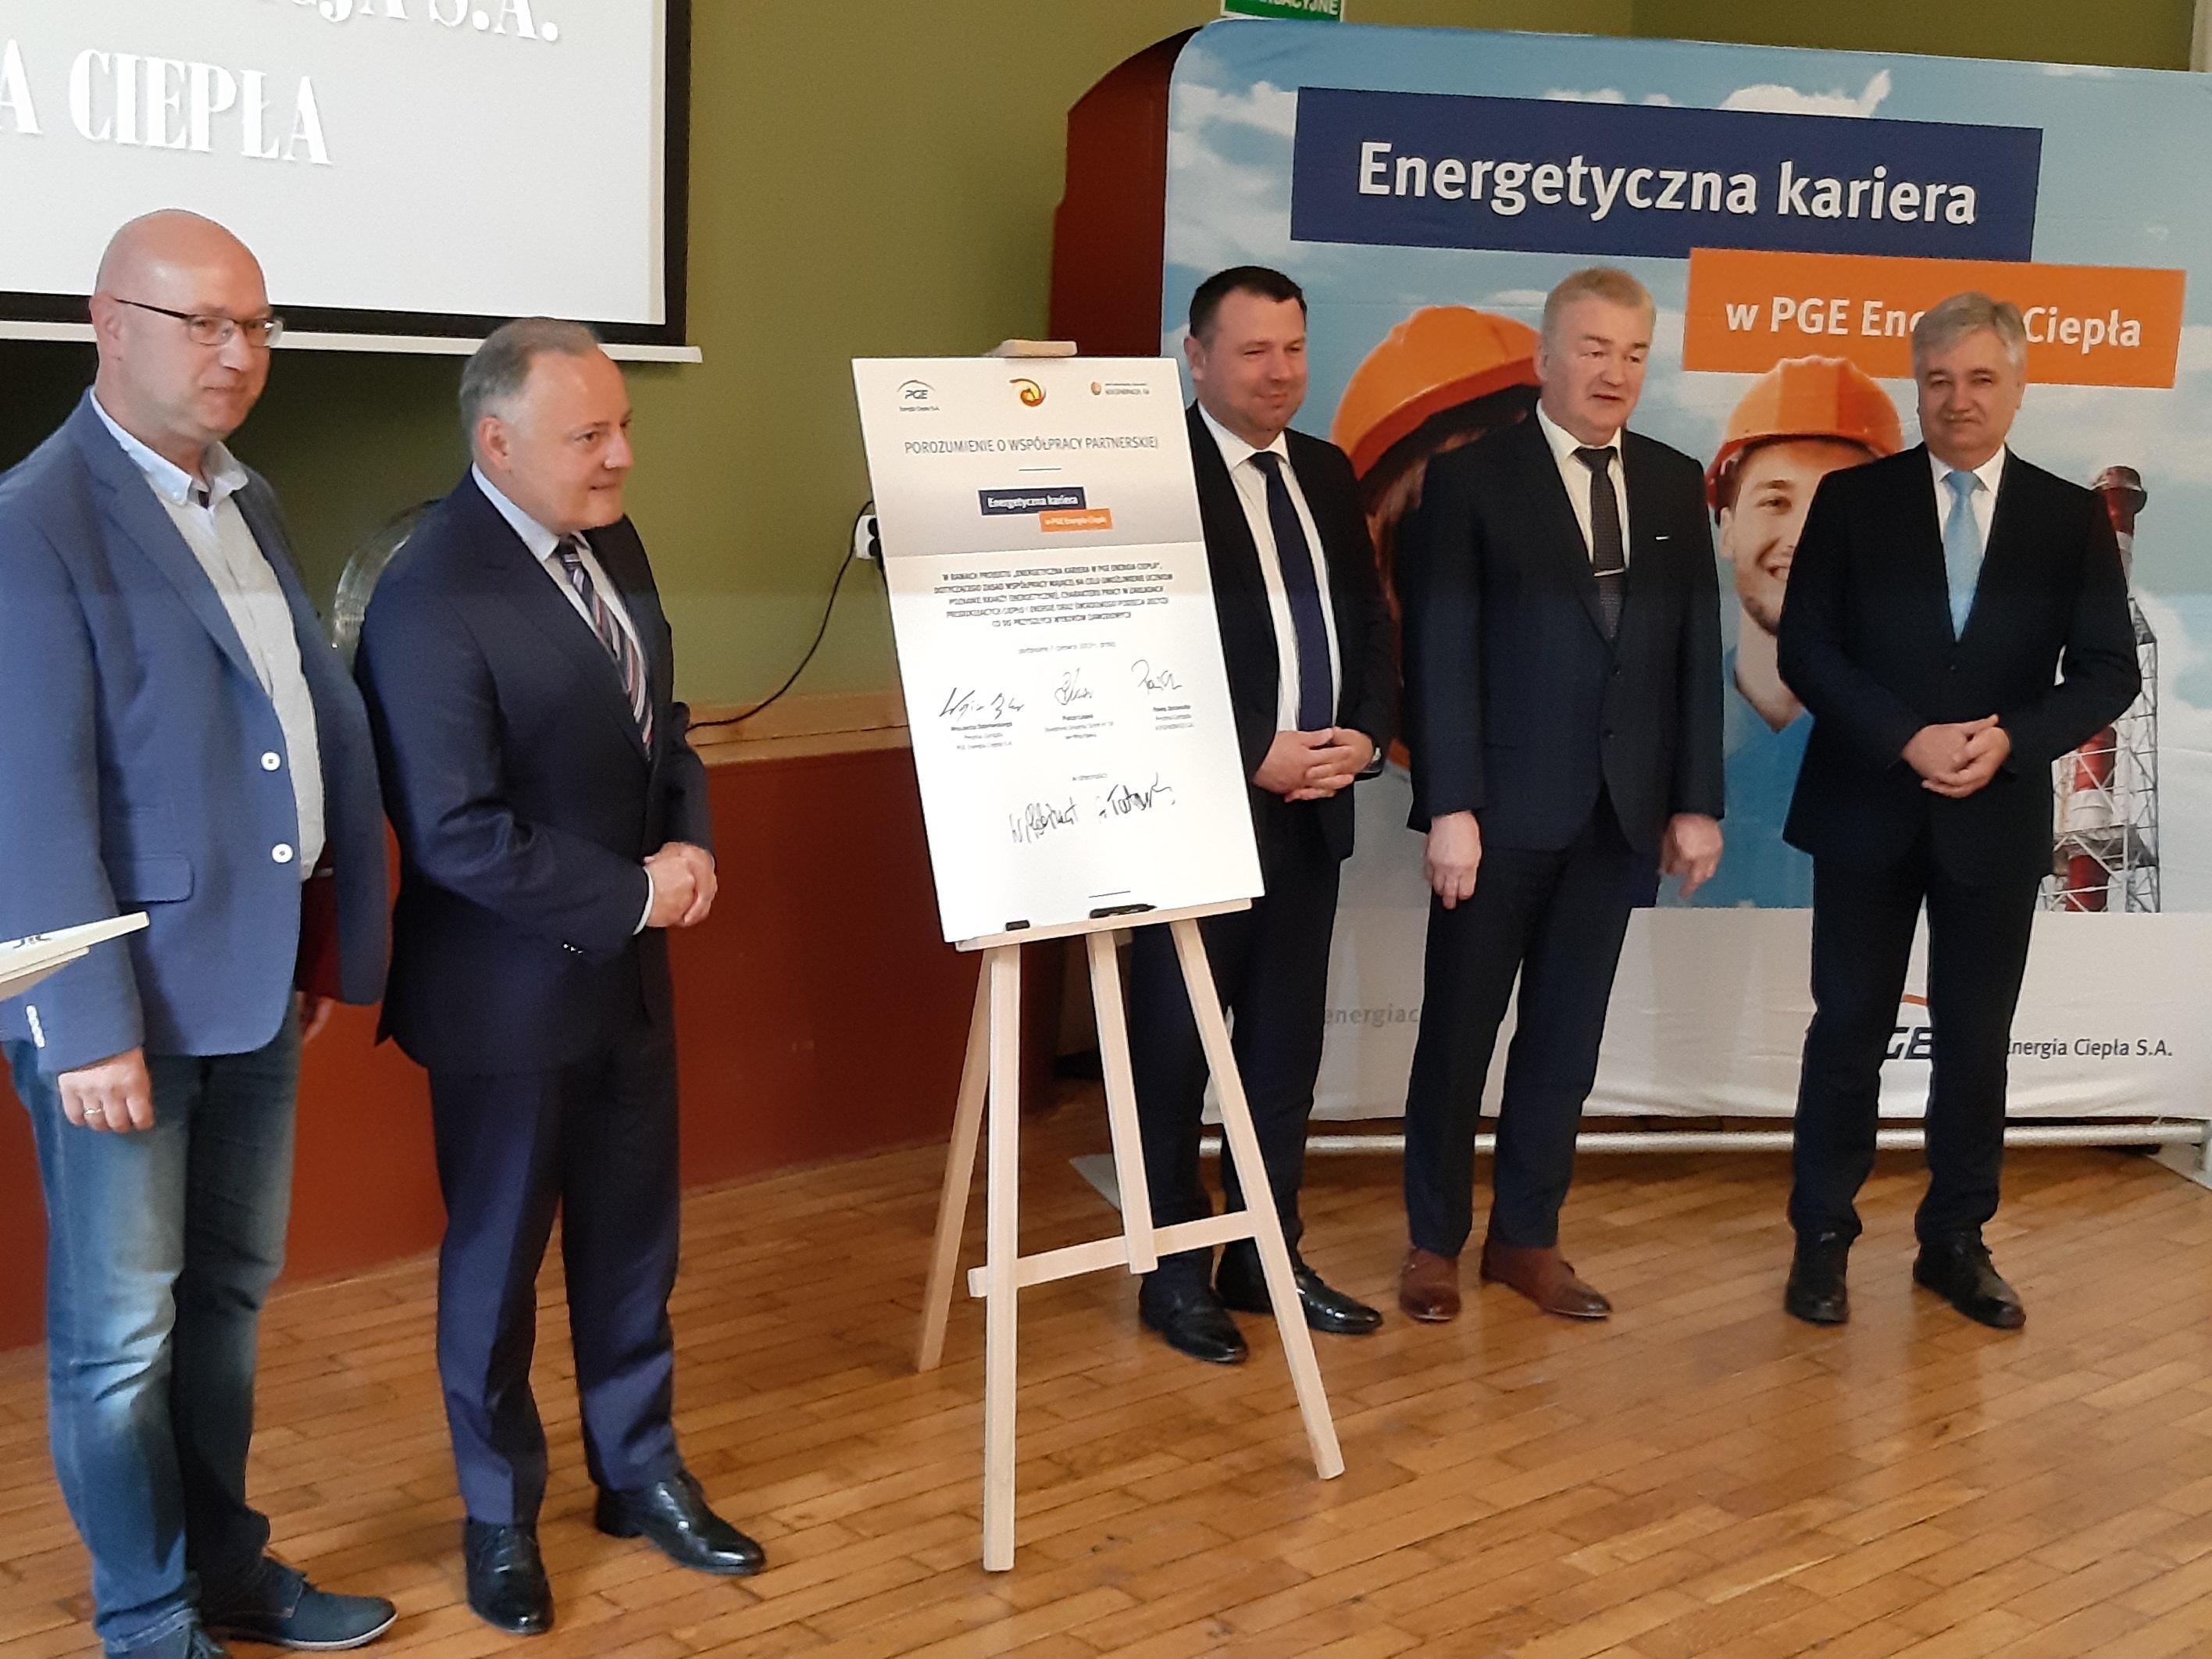 Inauguracja projektu Energetyczna Kariera w Zespole Szkół nr 18 we Wrocławiu. (fot. PGE /materiały prasowe)